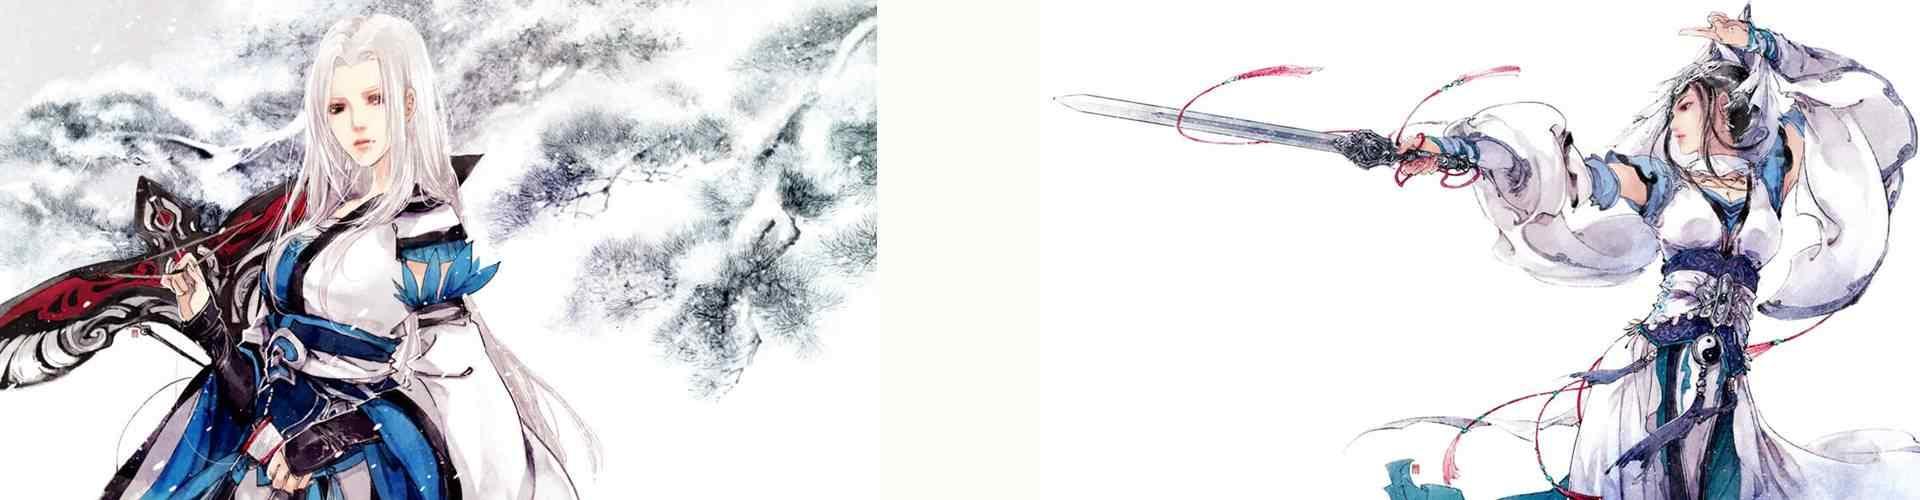 剑网三纯阳_剑网三纯阳桌面壁纸_纯阳同人图壁纸_剑网三游戏壁纸